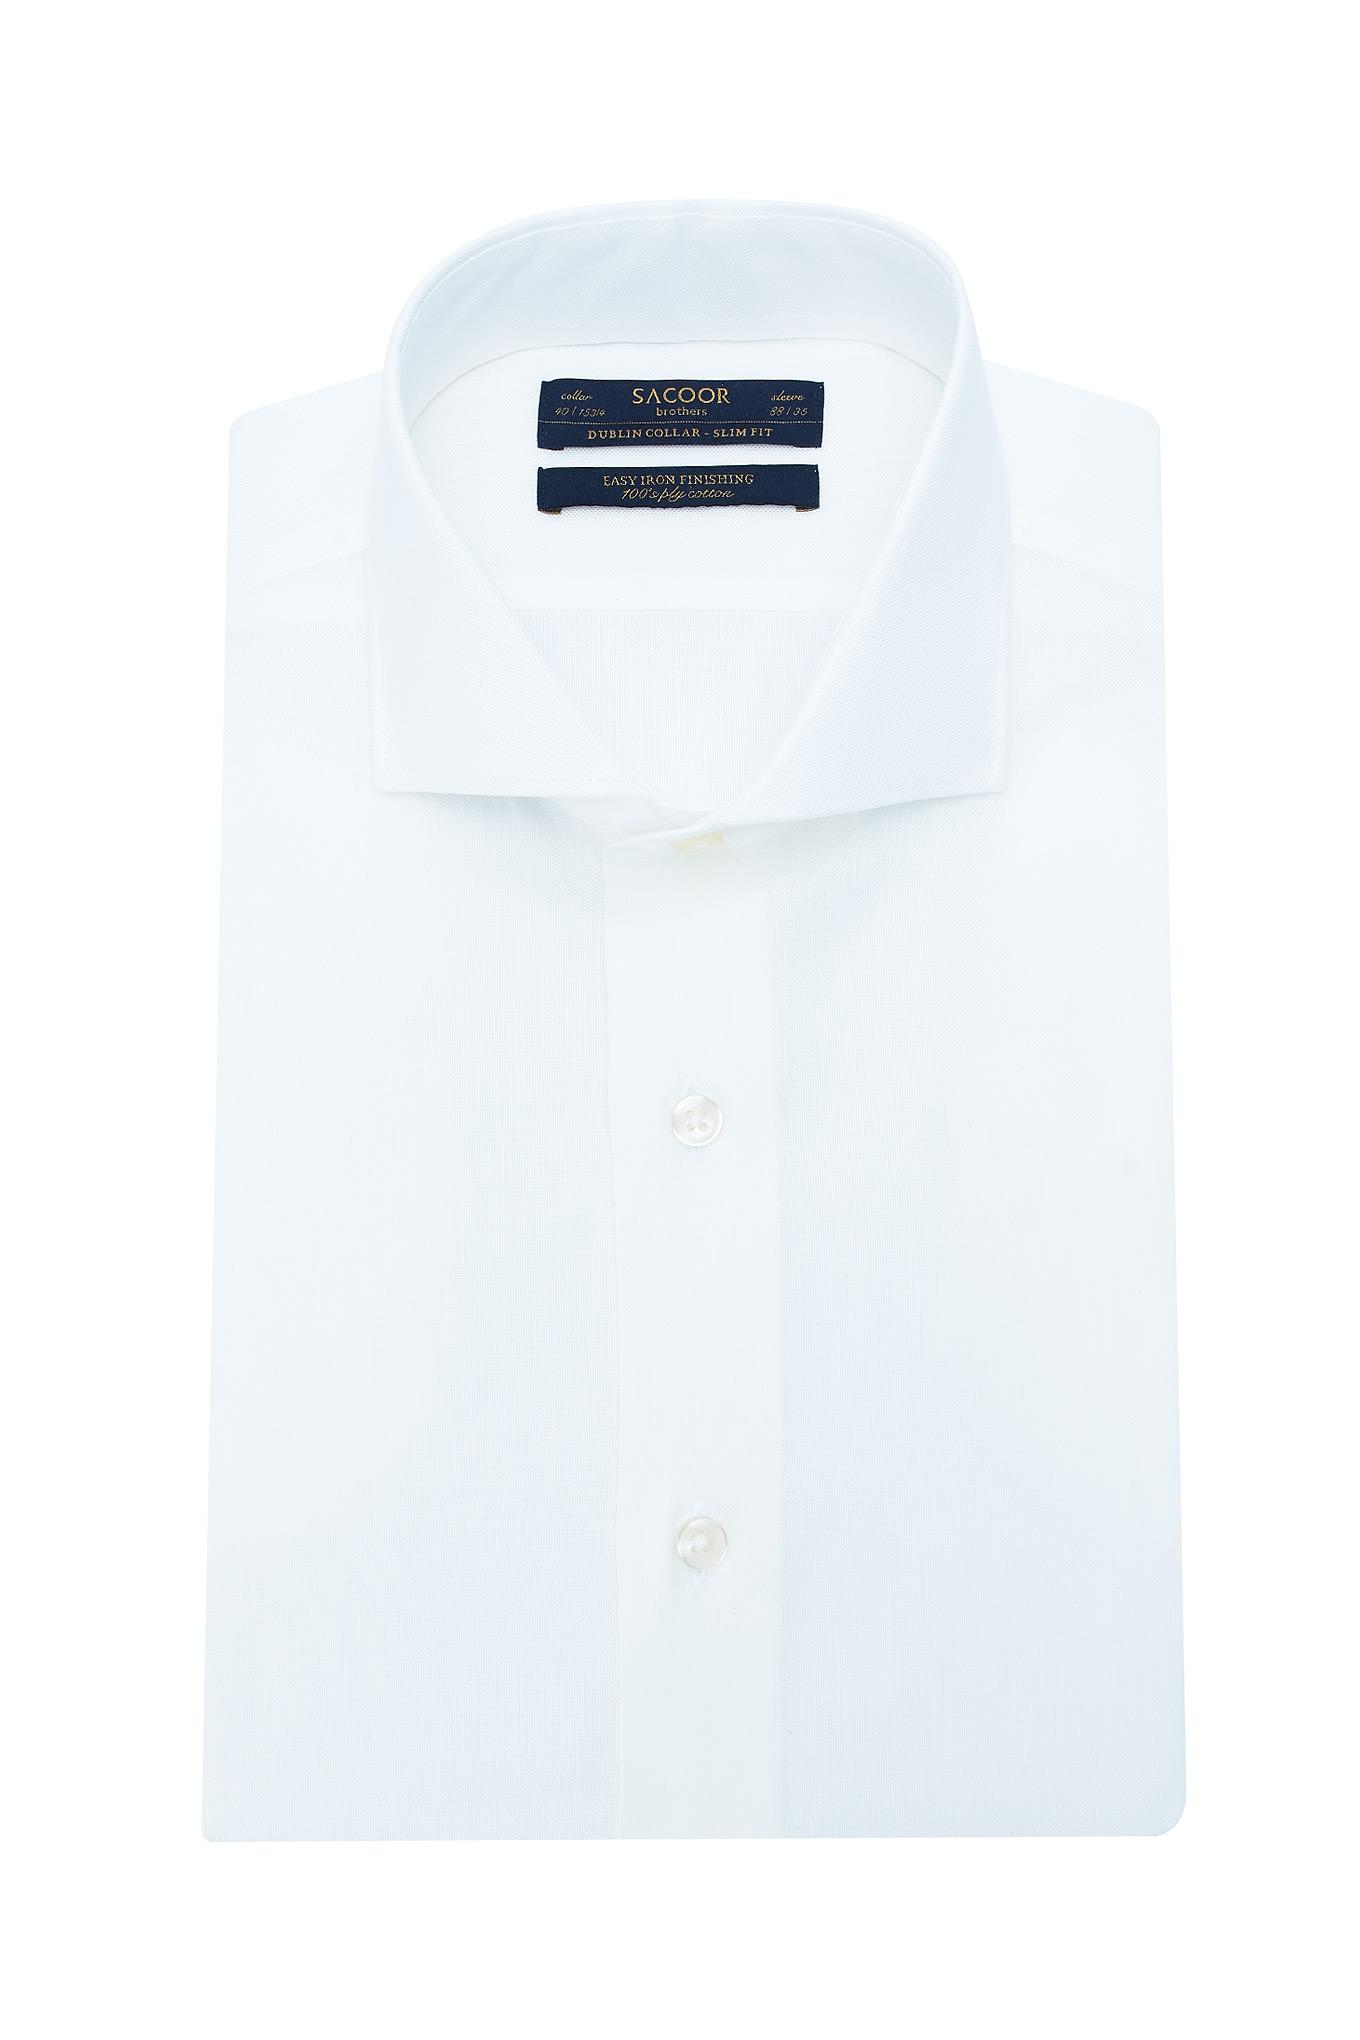 Shirt Light Beige Classic Man